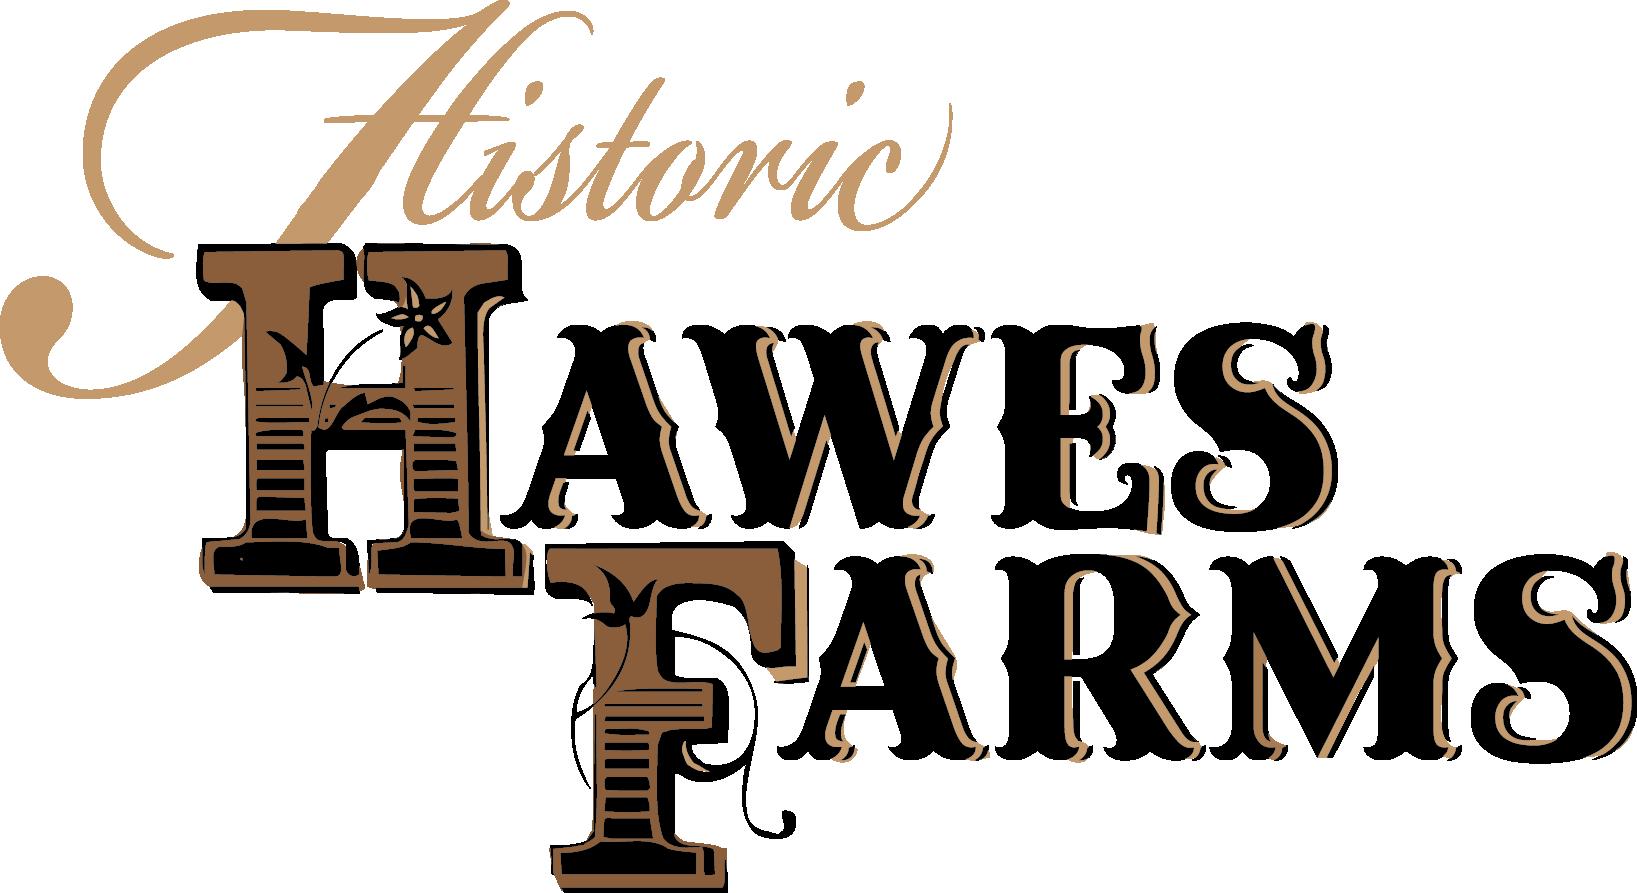 http://www.prism-mediasolutions.com/wp-content/uploads/2018/01/historicHawesFarms_logo-noVisit.png